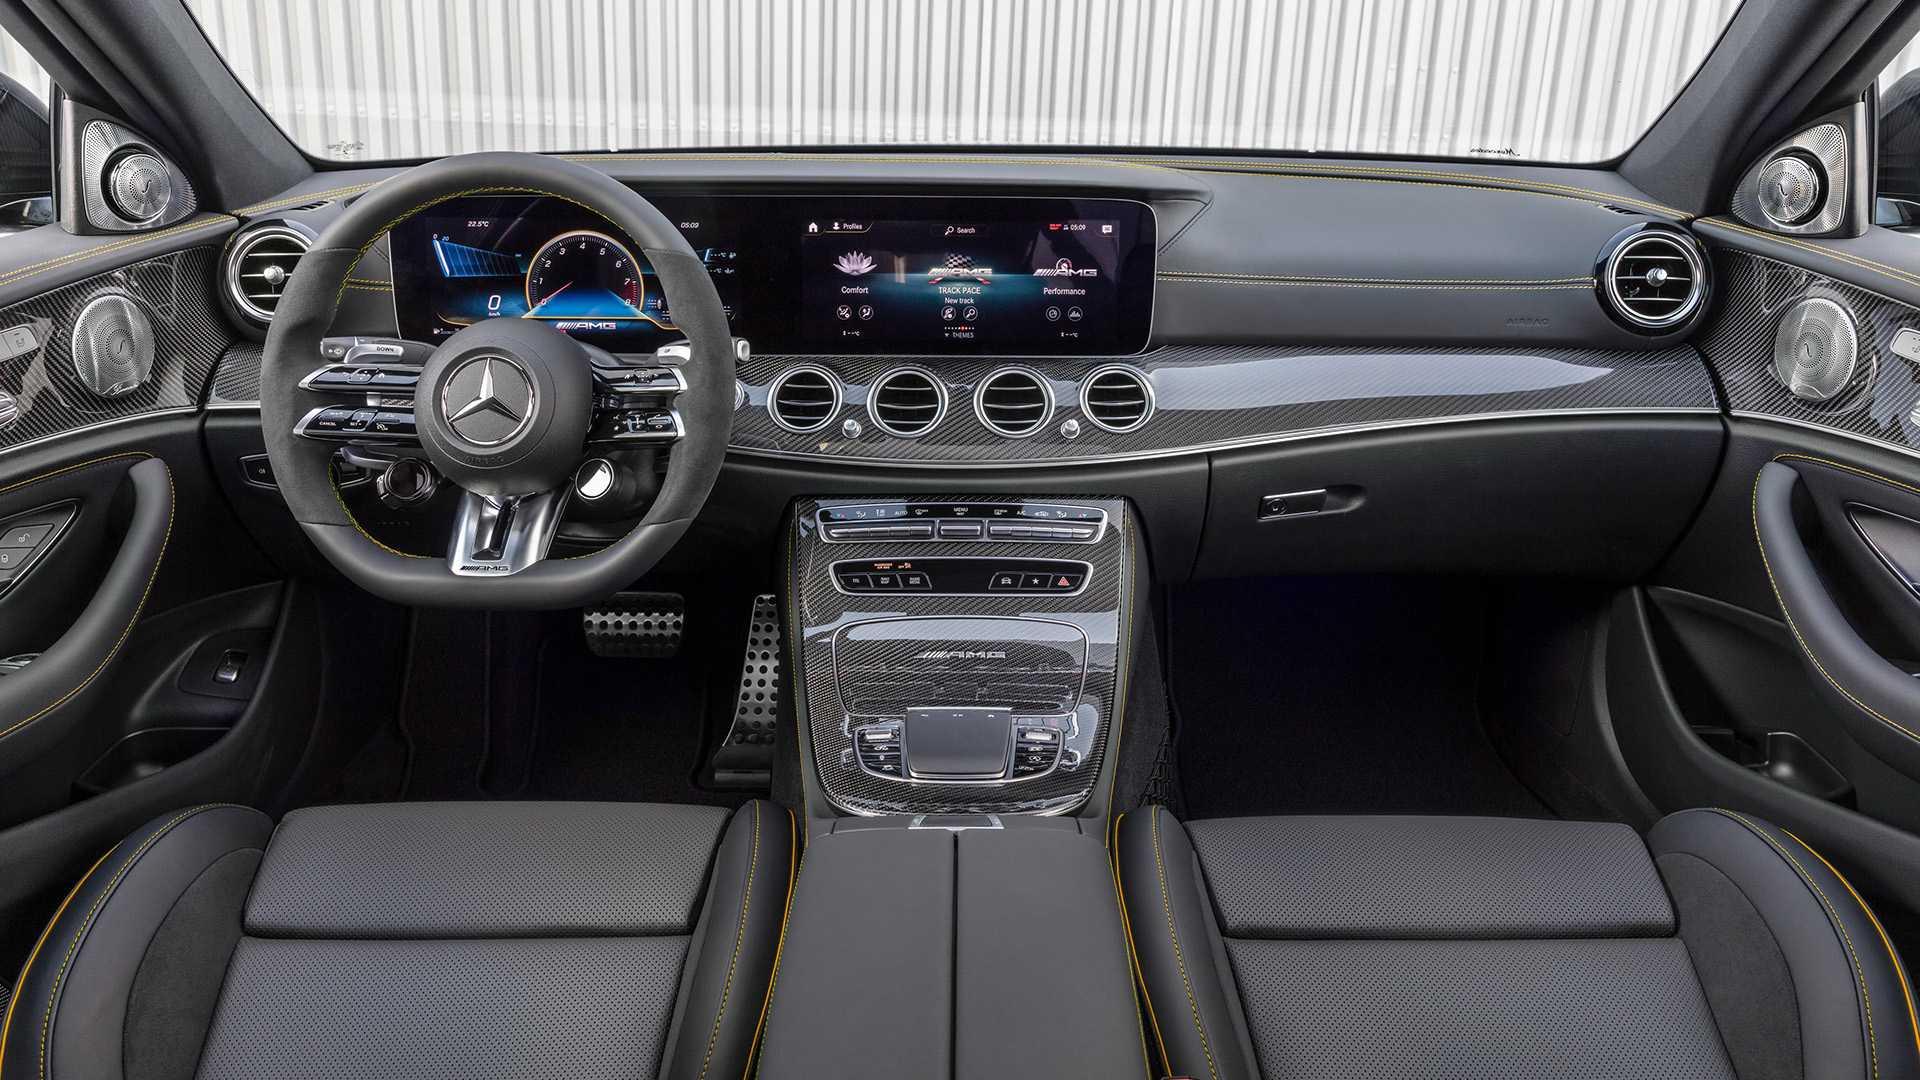 Mercedes-AMG E63 S (2021)